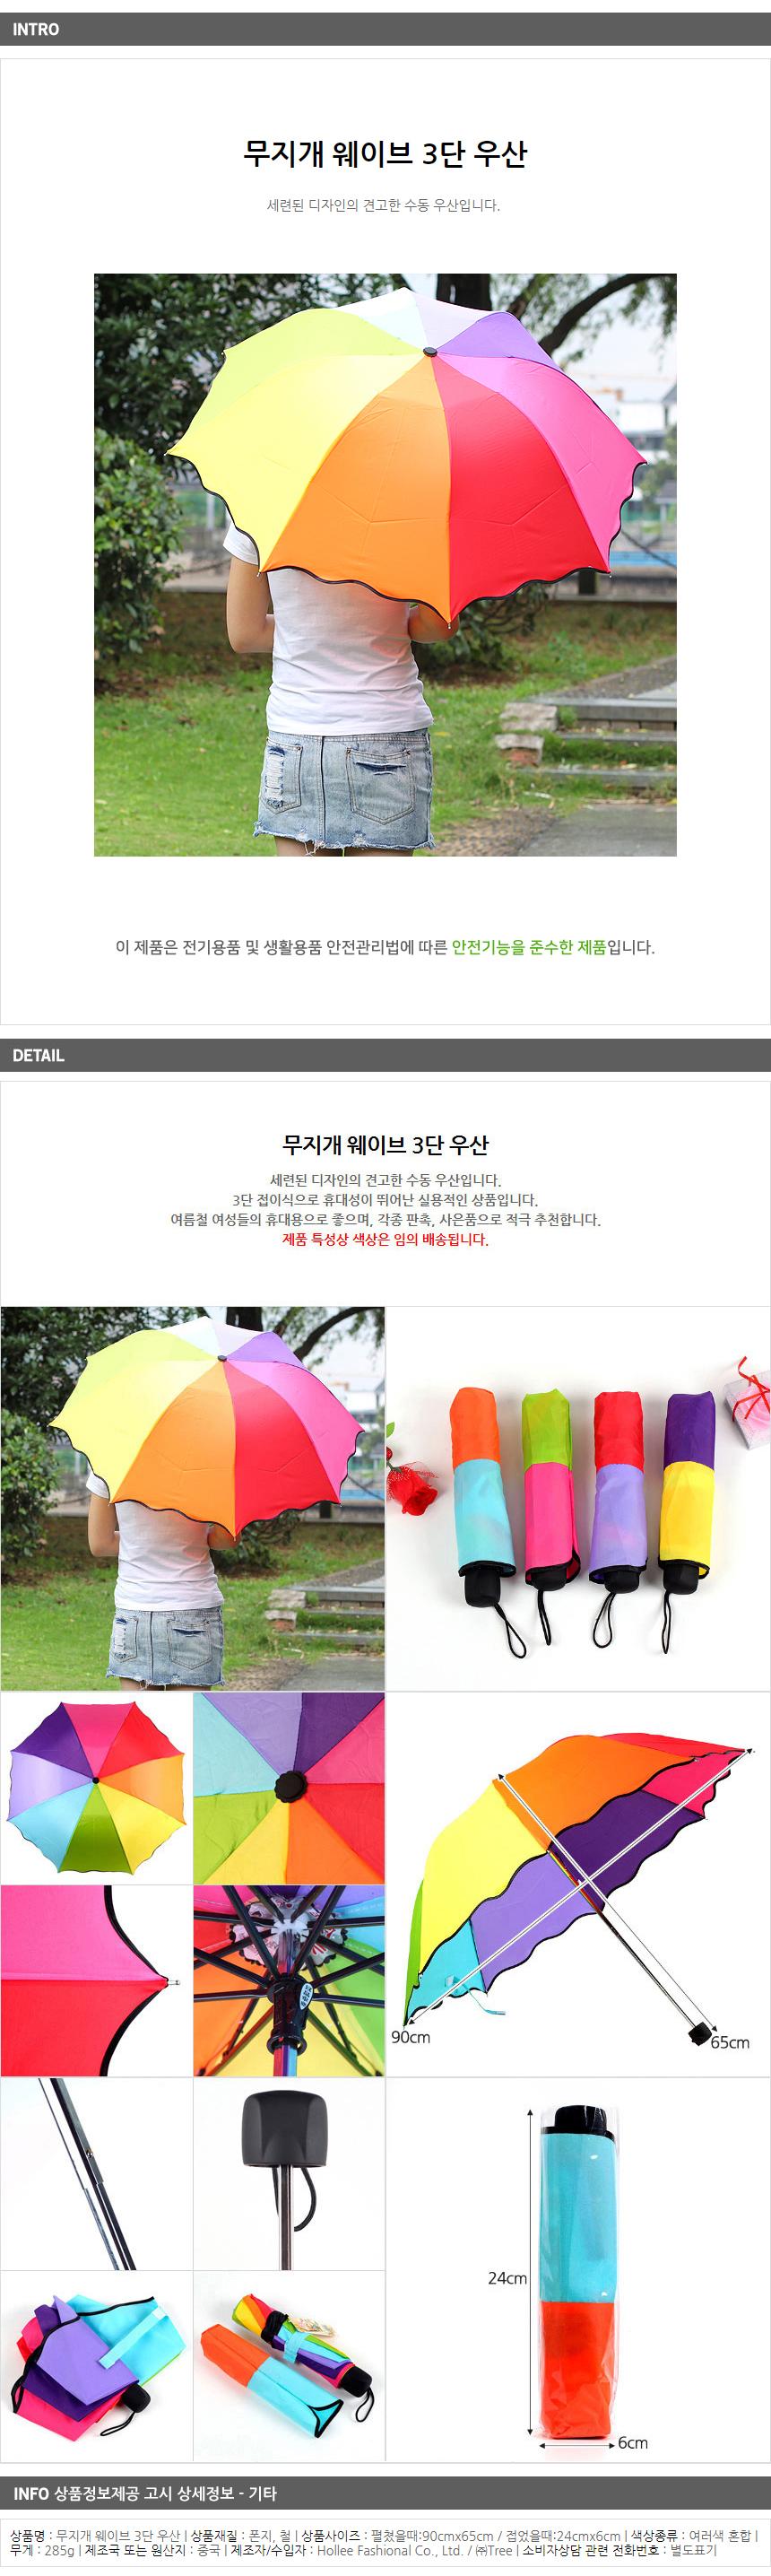 레인보우 3단 접이식 우산 - 기프트갓, 6,830원, 우산, 수동3단/5단우산